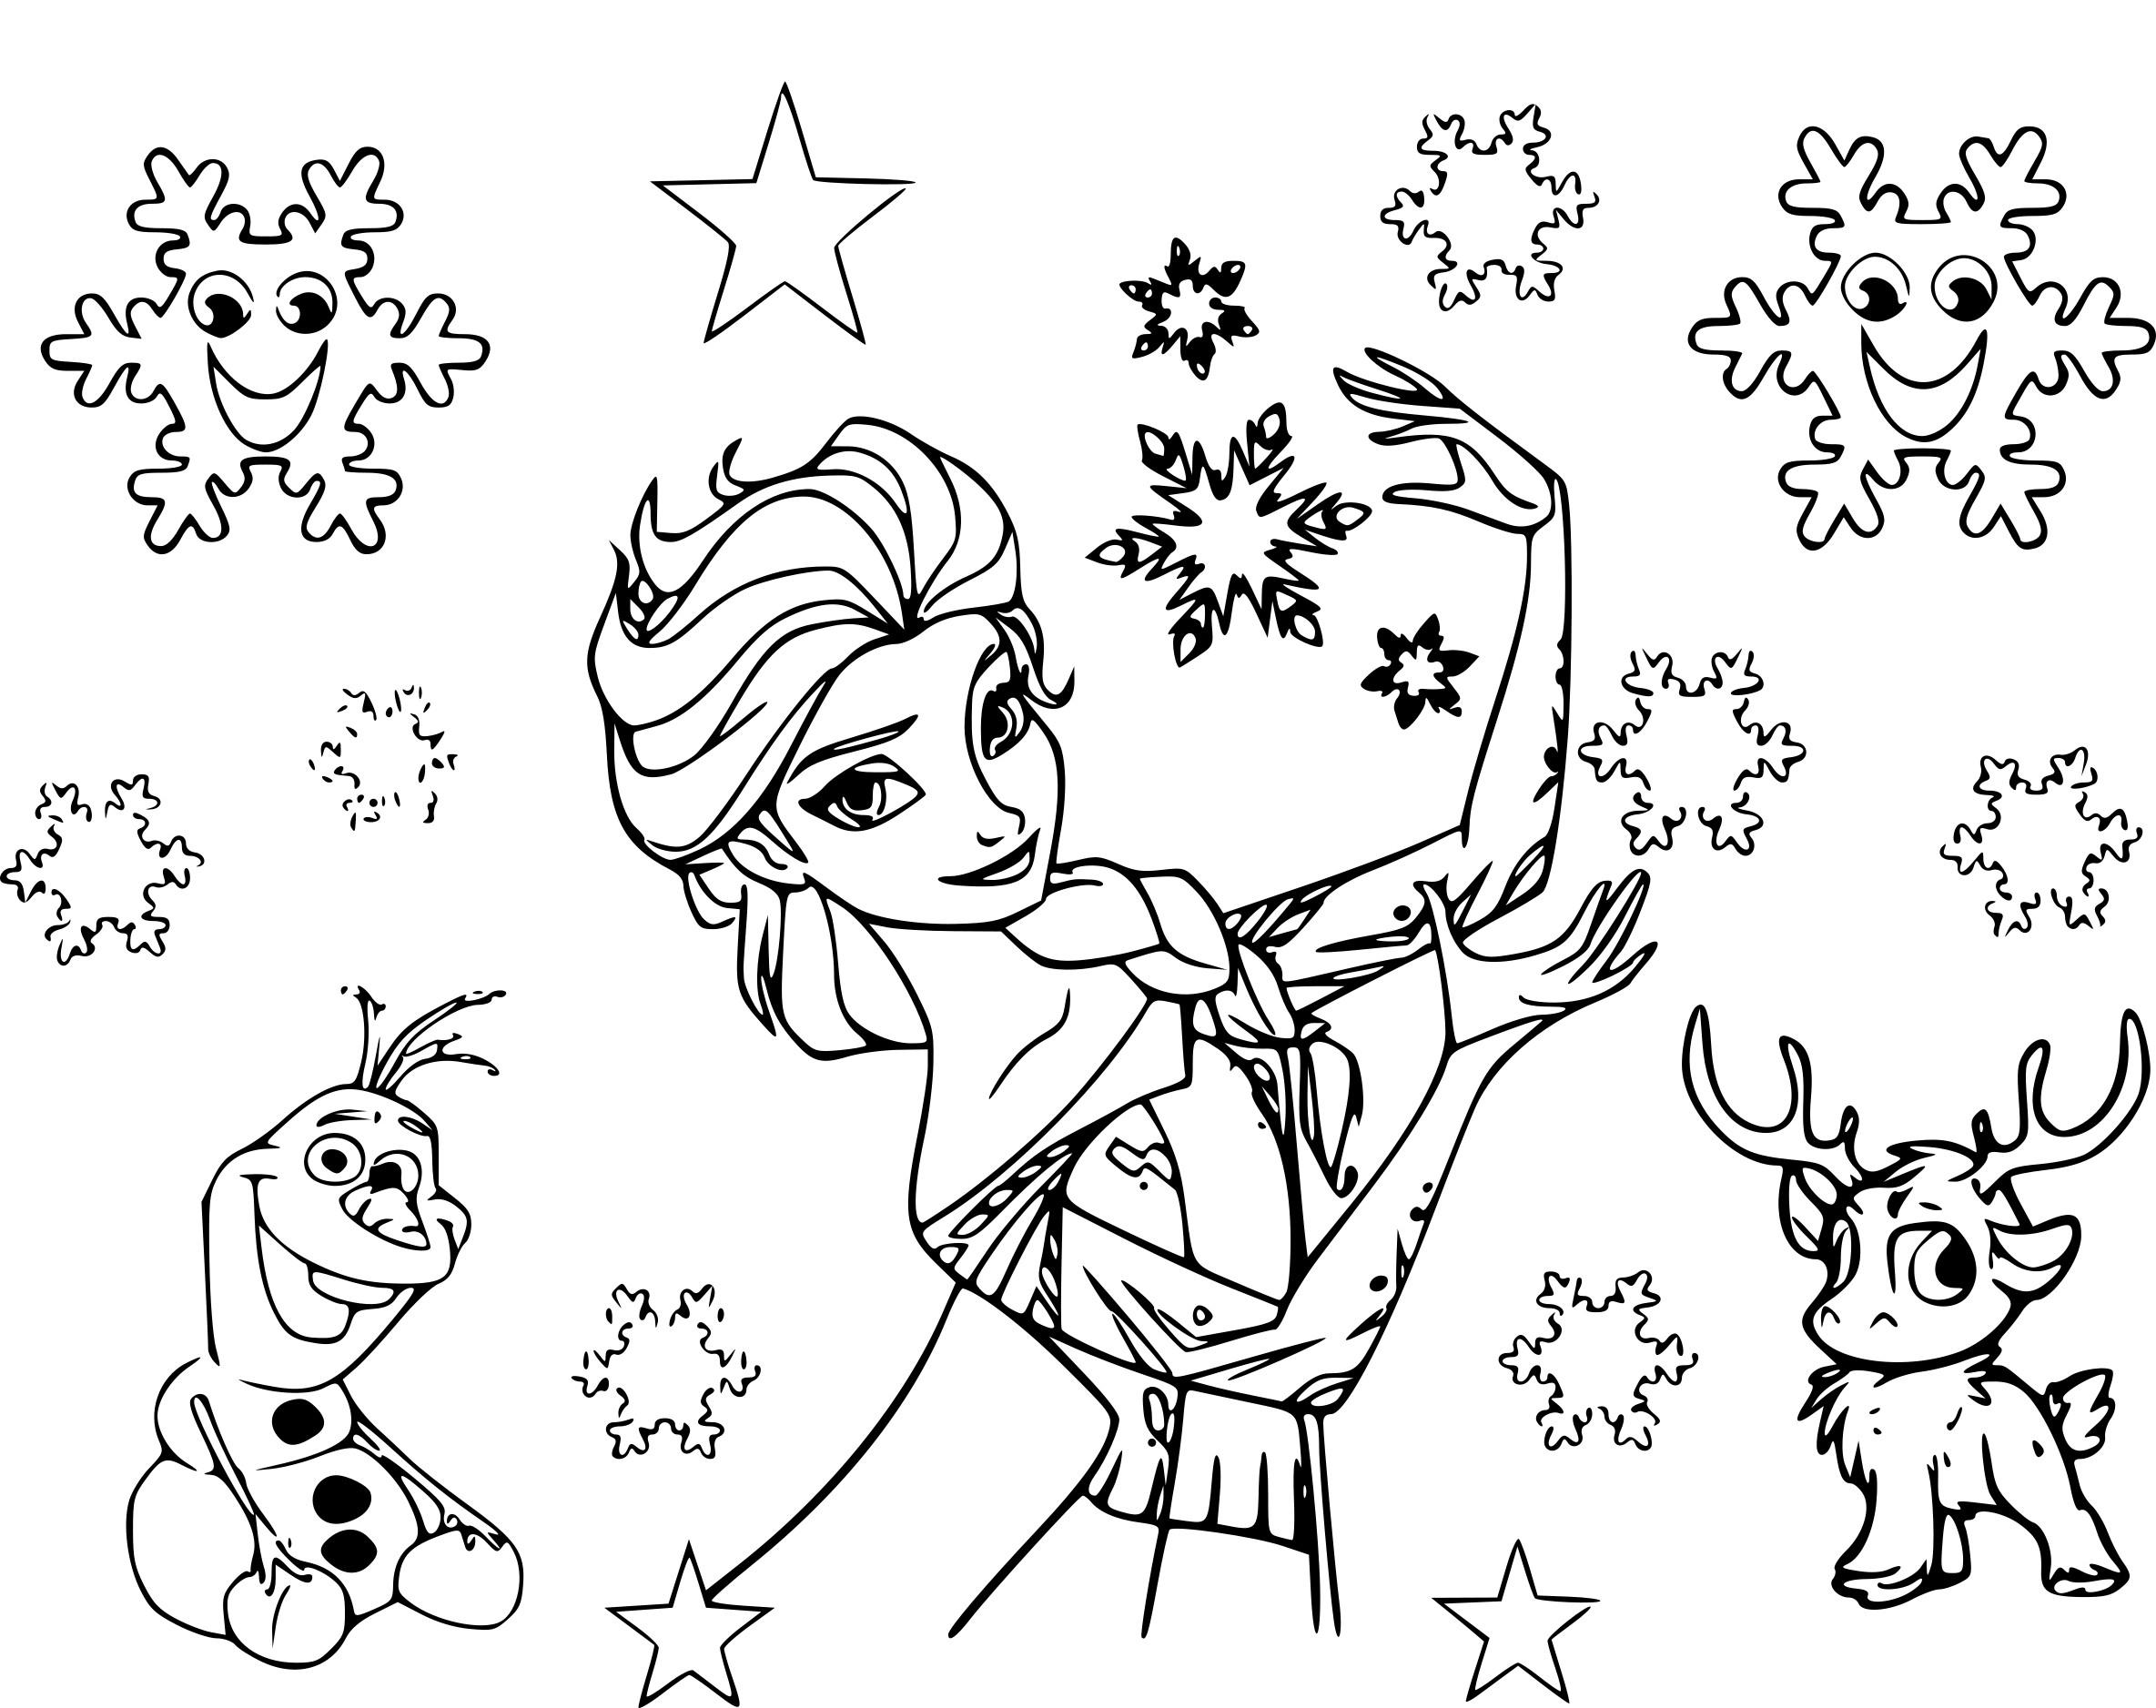 Coloriage Etoile Reine Des Neiges À Imprimer Sur Coloriages concernant Reine Des Neiges Dessin À Colorier